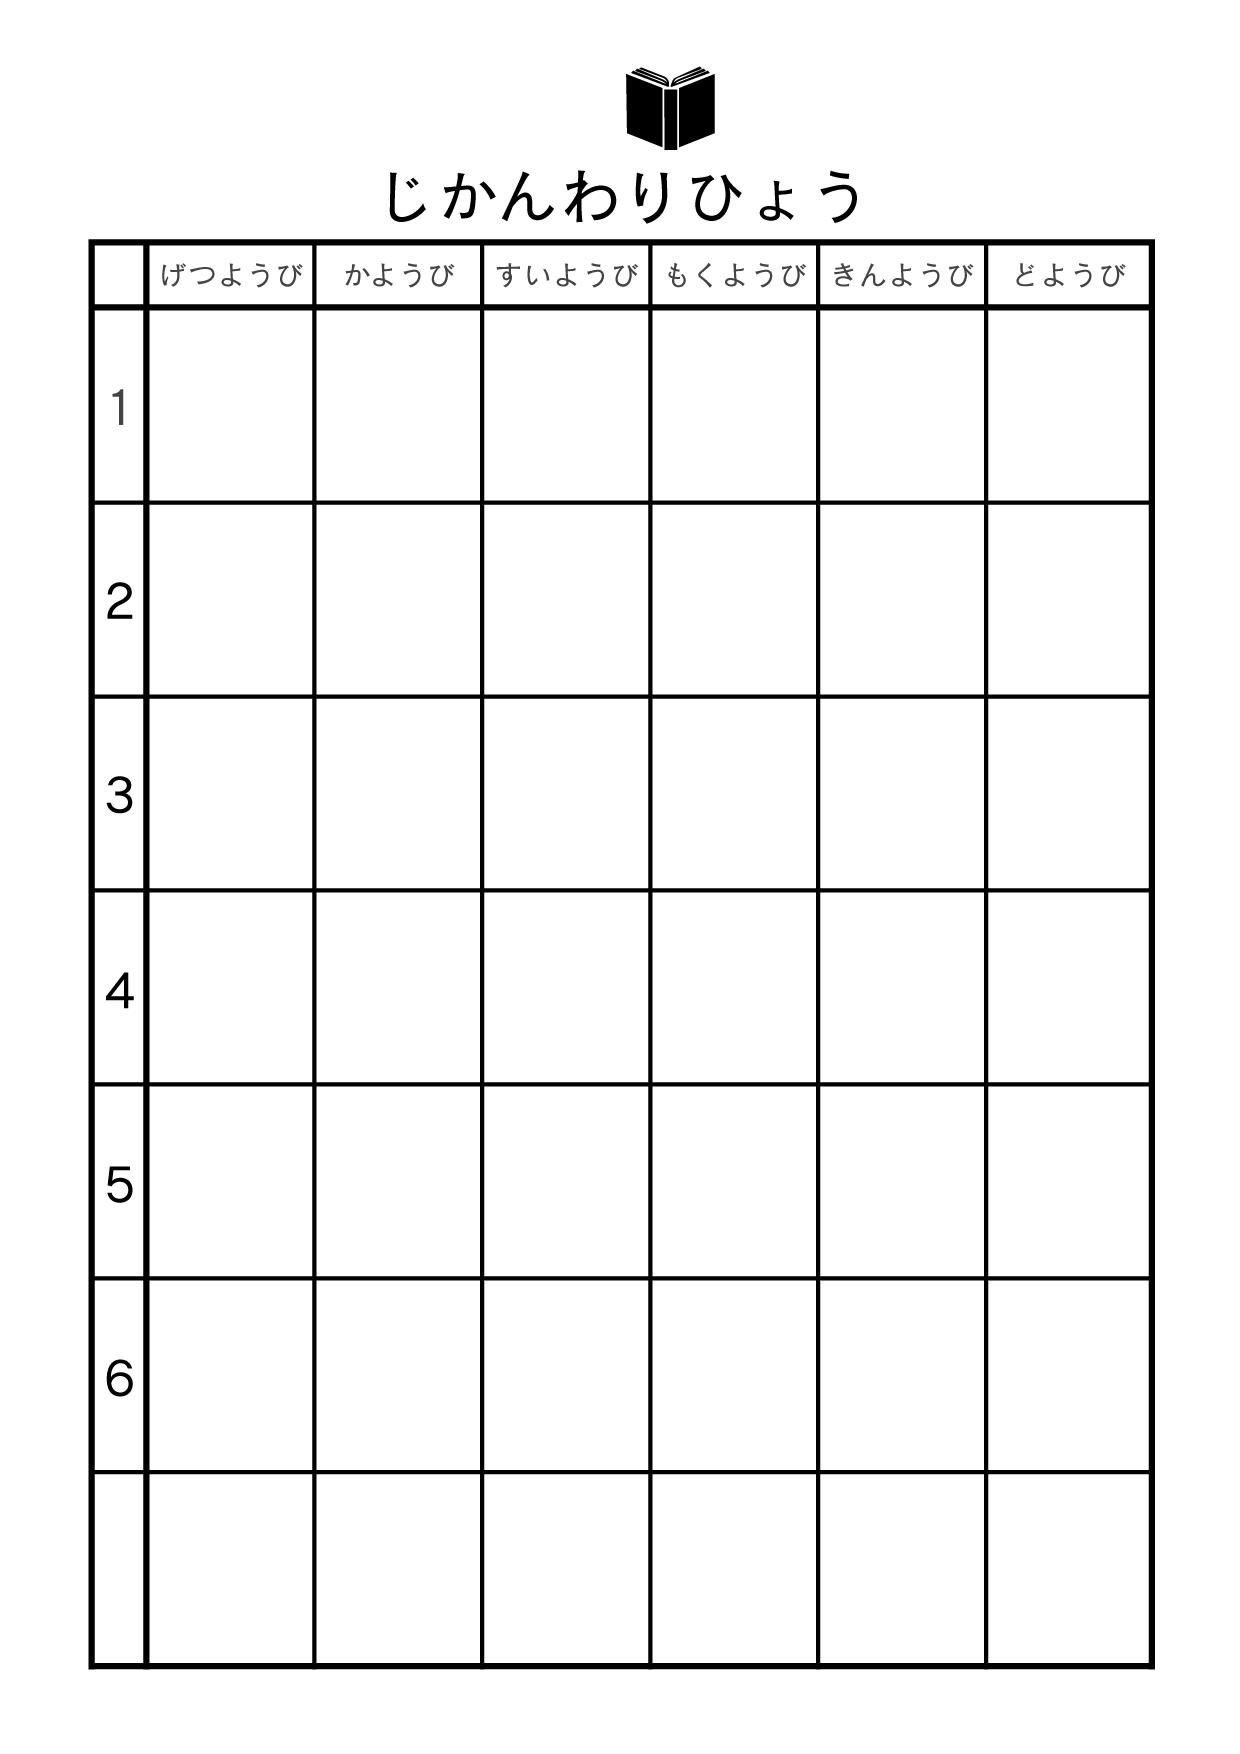 ひらがなの時間割表テンプレート縦型/幼稚園・保育園・小学校低学年